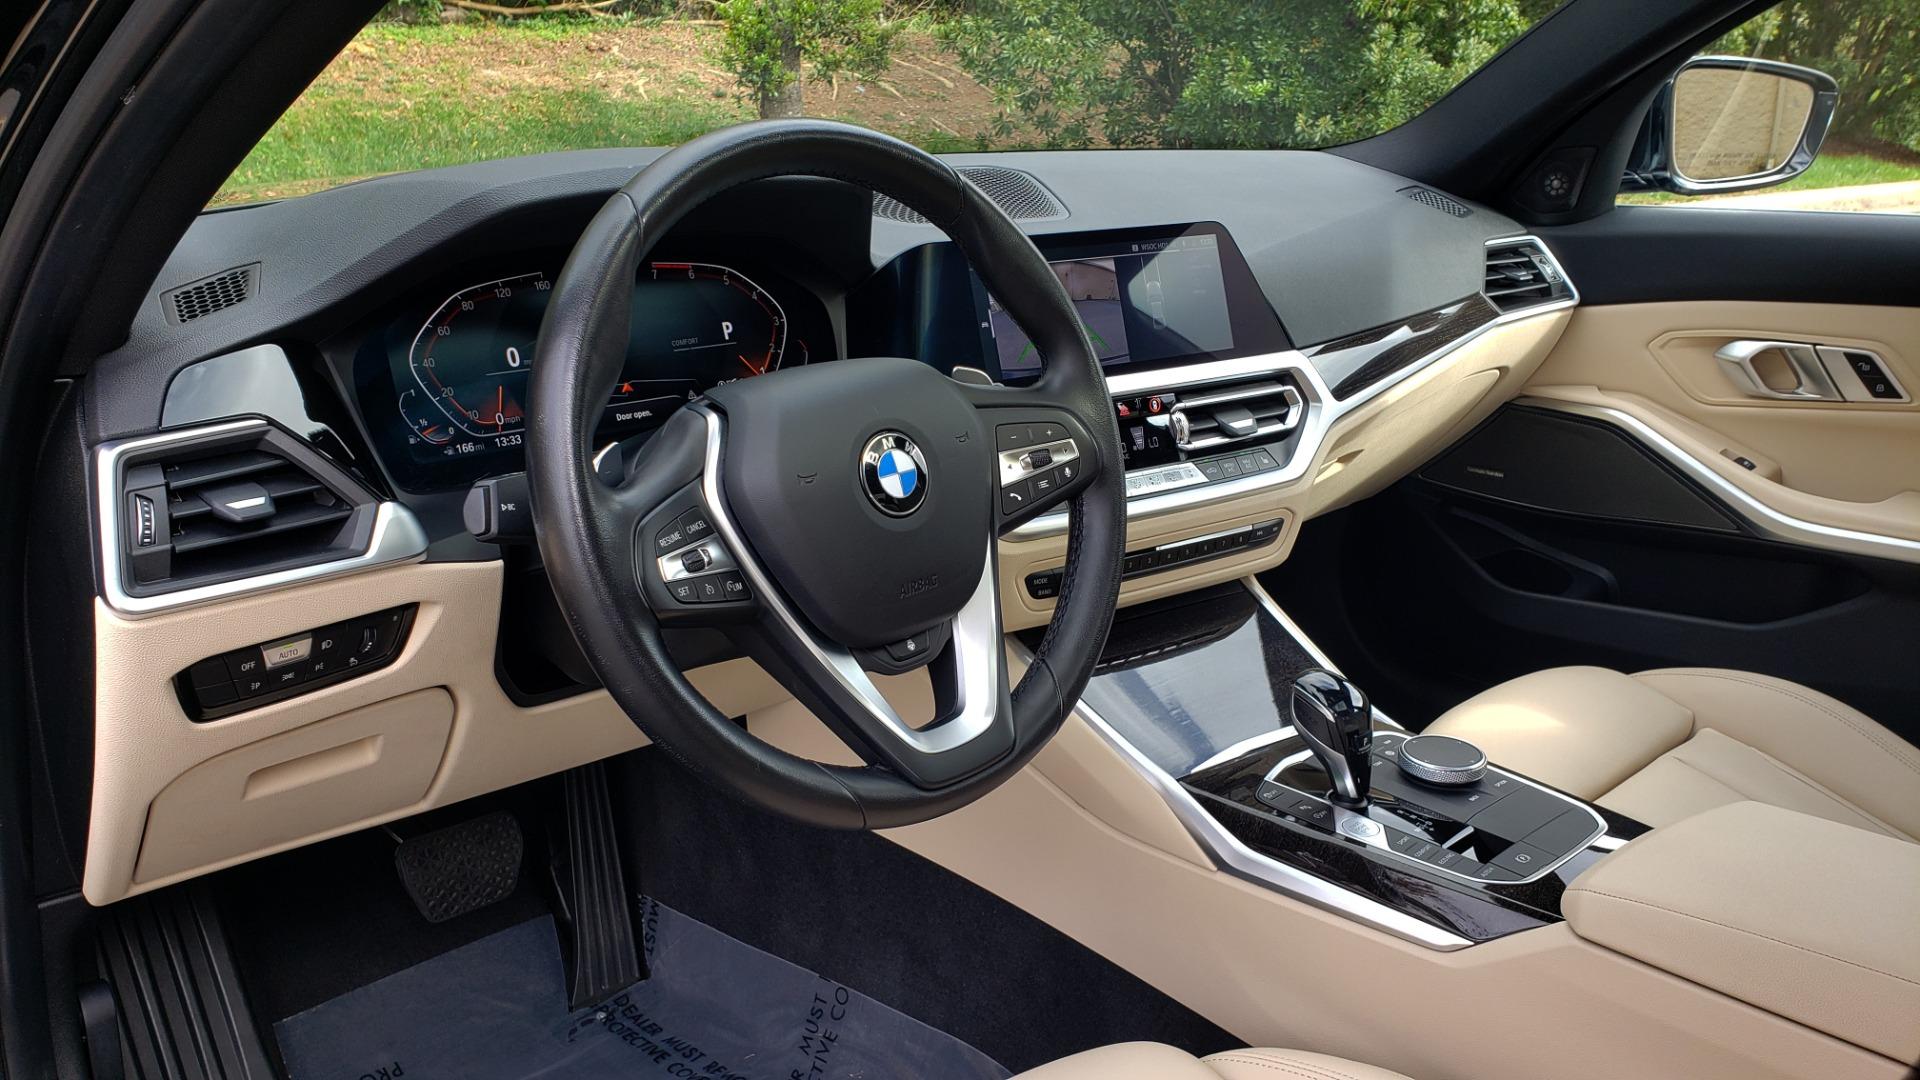 Used 2019 BMW 3 SERIES 330I PREM PKG / NAV / CONV PKG / H&K SND / LIVE COCKPIT PRO for sale Sold at Formula Imports in Charlotte NC 28227 36